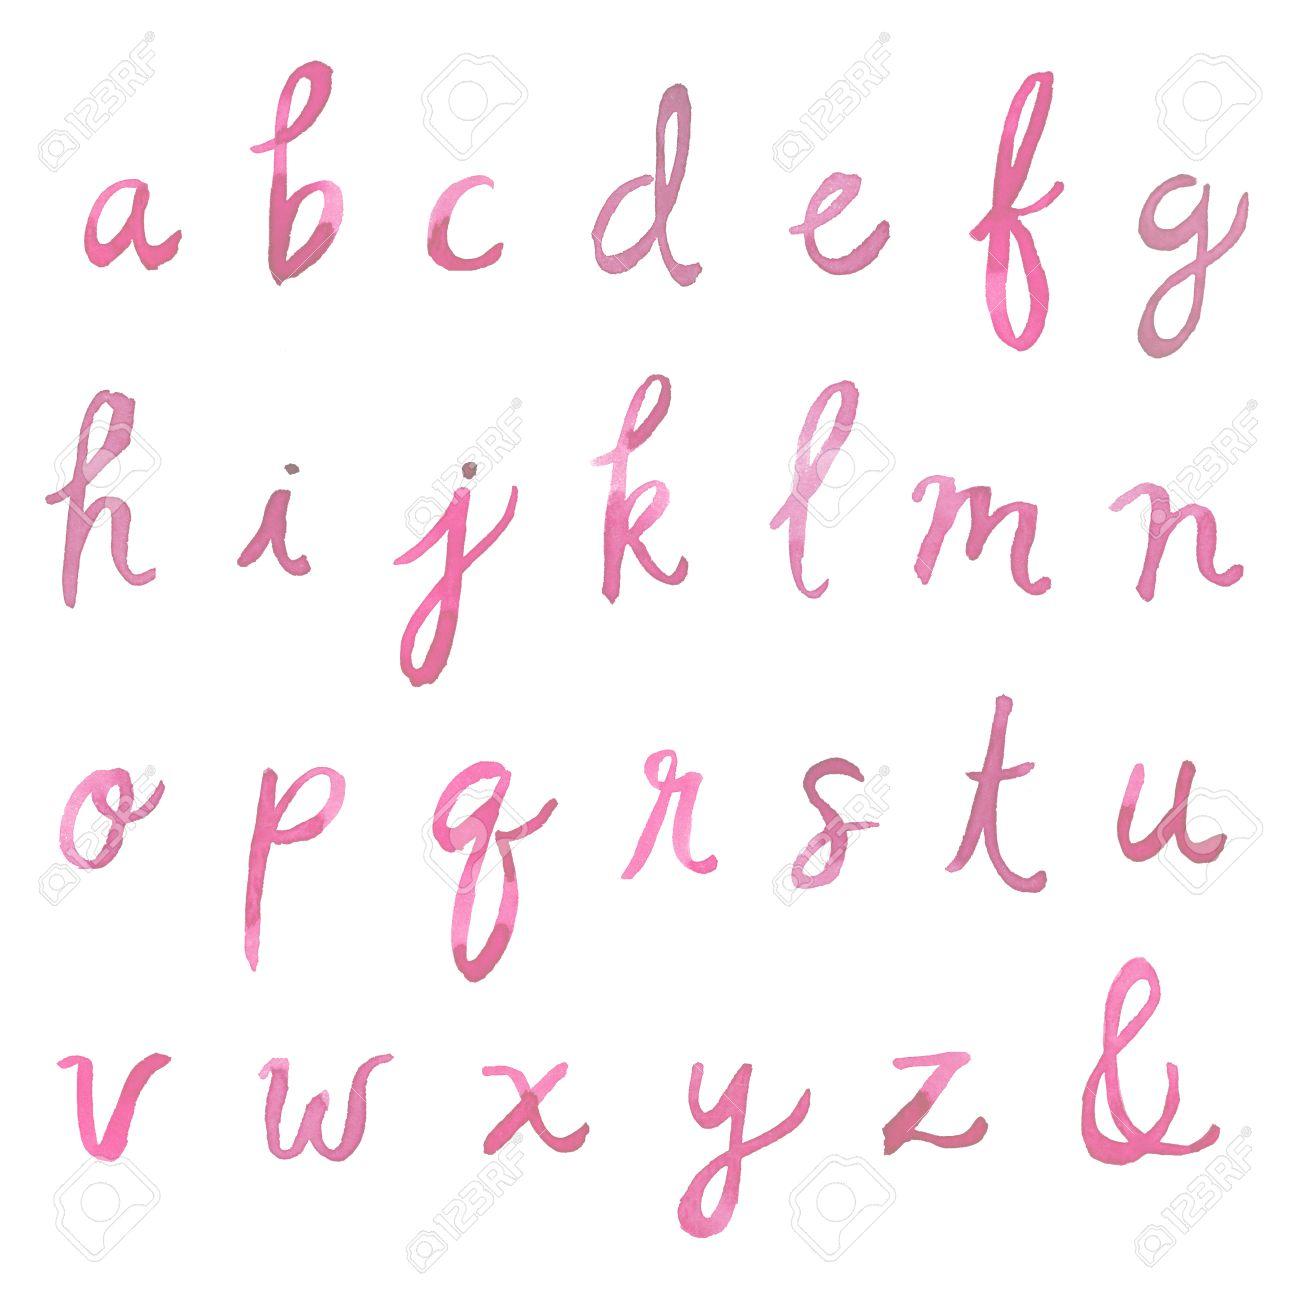 Hand Painted Watercolor Alphabet Font Letters Cursive Fo